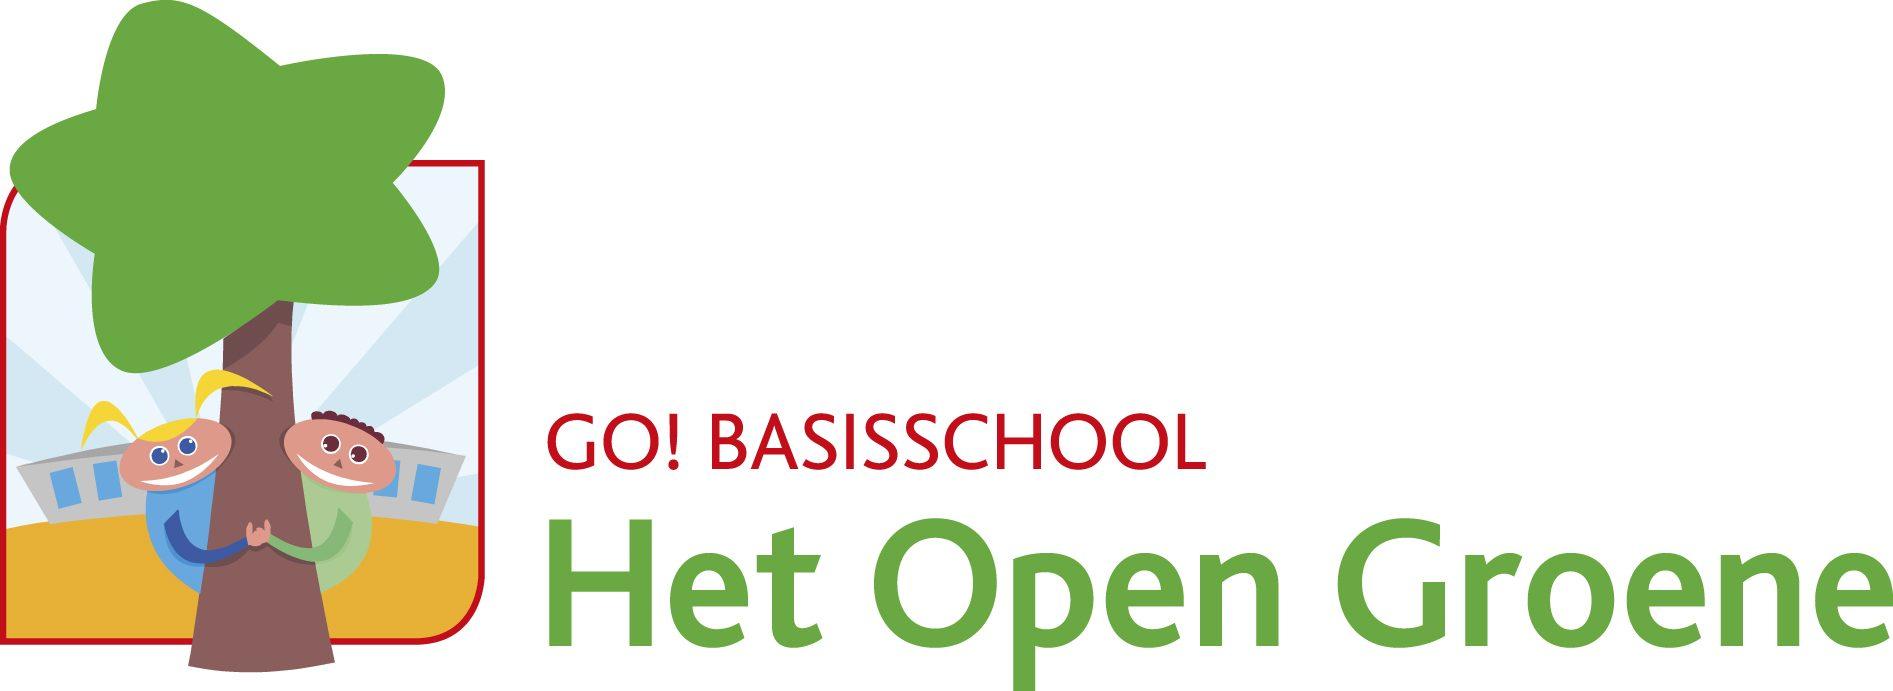 GO! Basisschool Het Open Groene